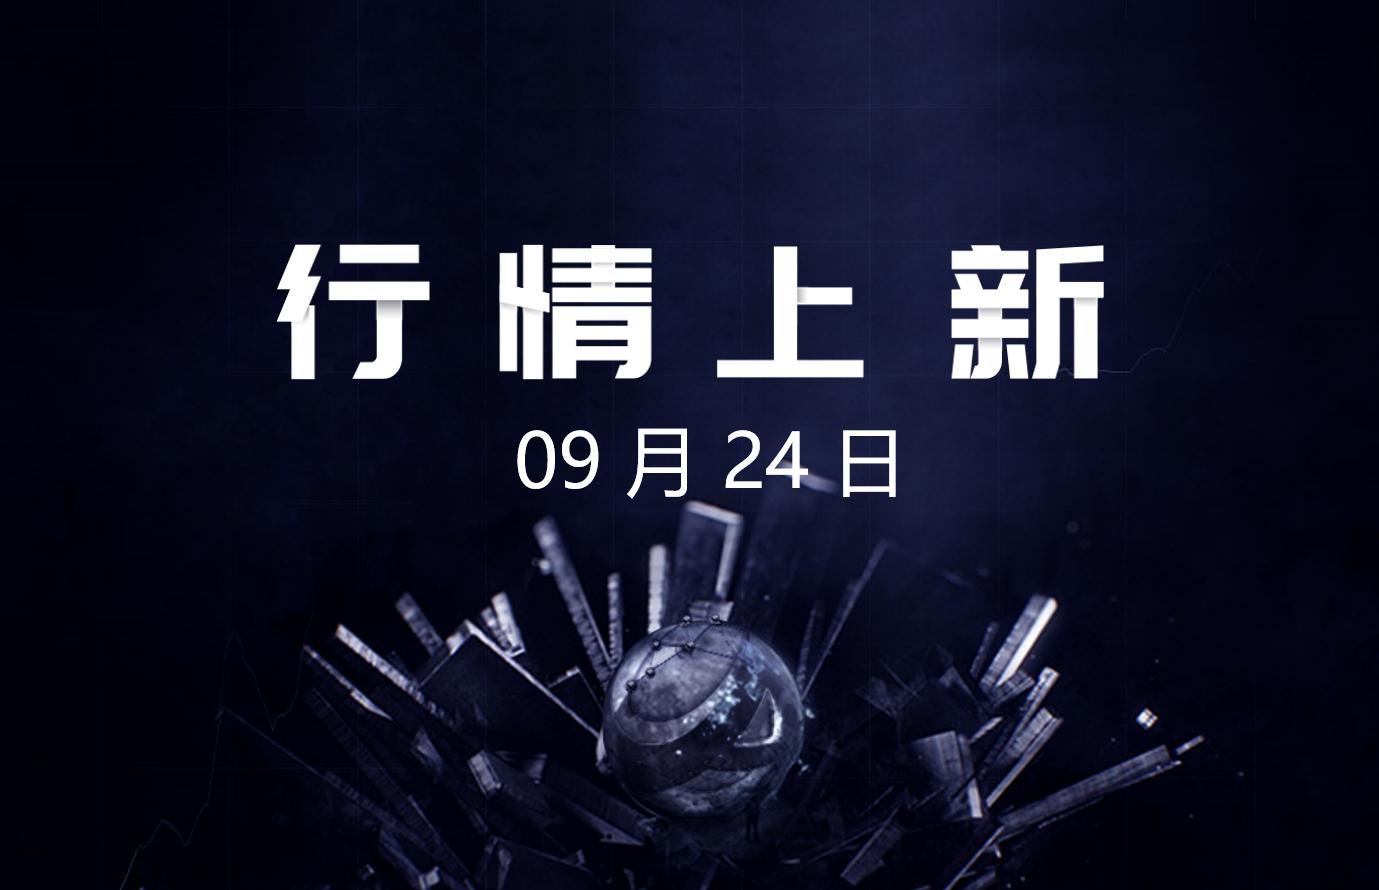 9月24日- AICoin 行情上新(新增9交易对,涉及3平台)_aicoin_图1